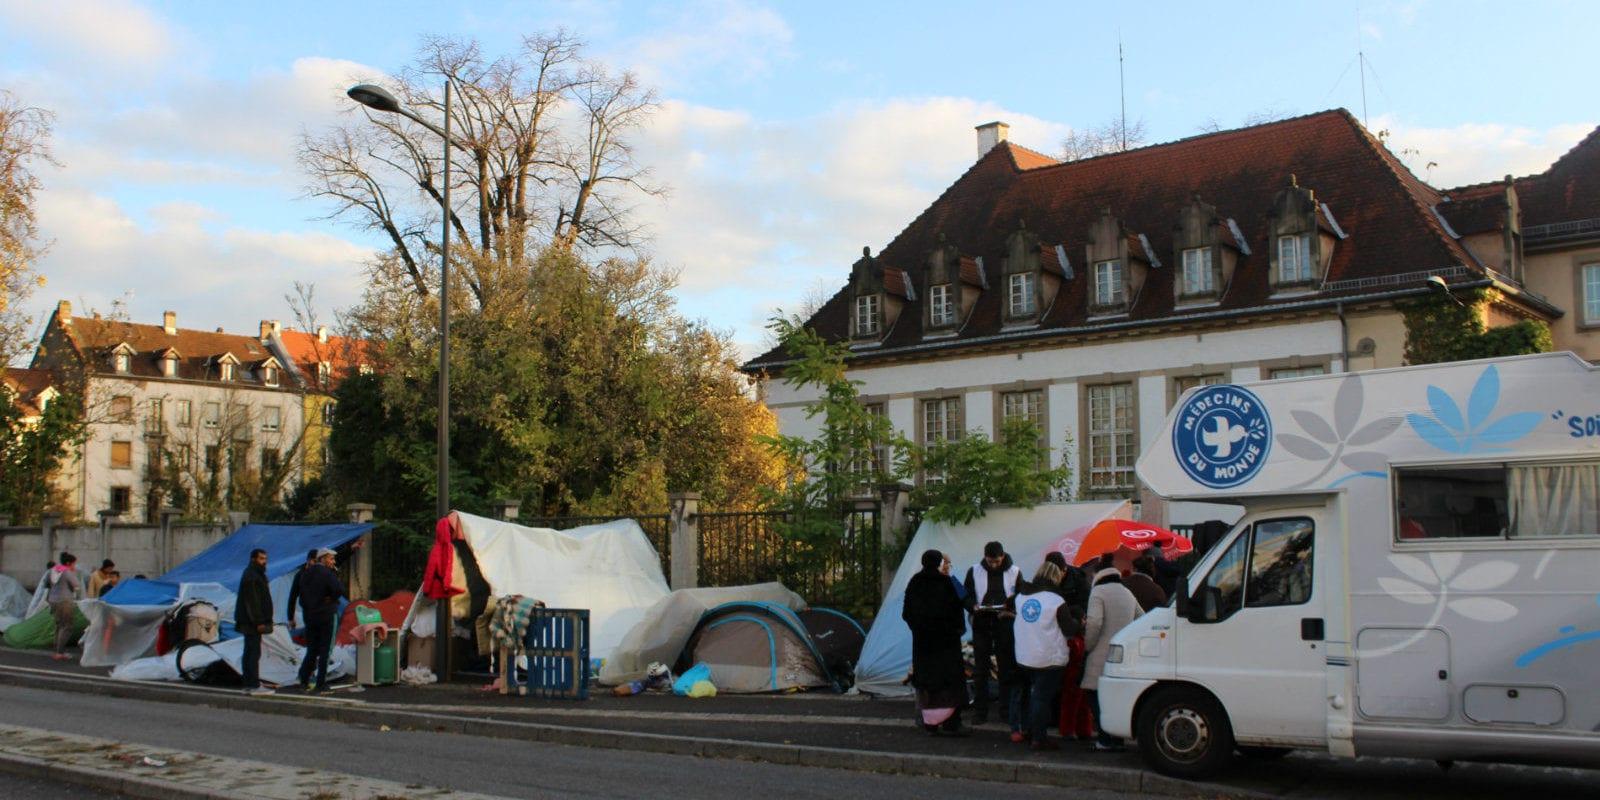 Un nouveau bidonville de demandeurs d'asile, cette fois au Neuhof